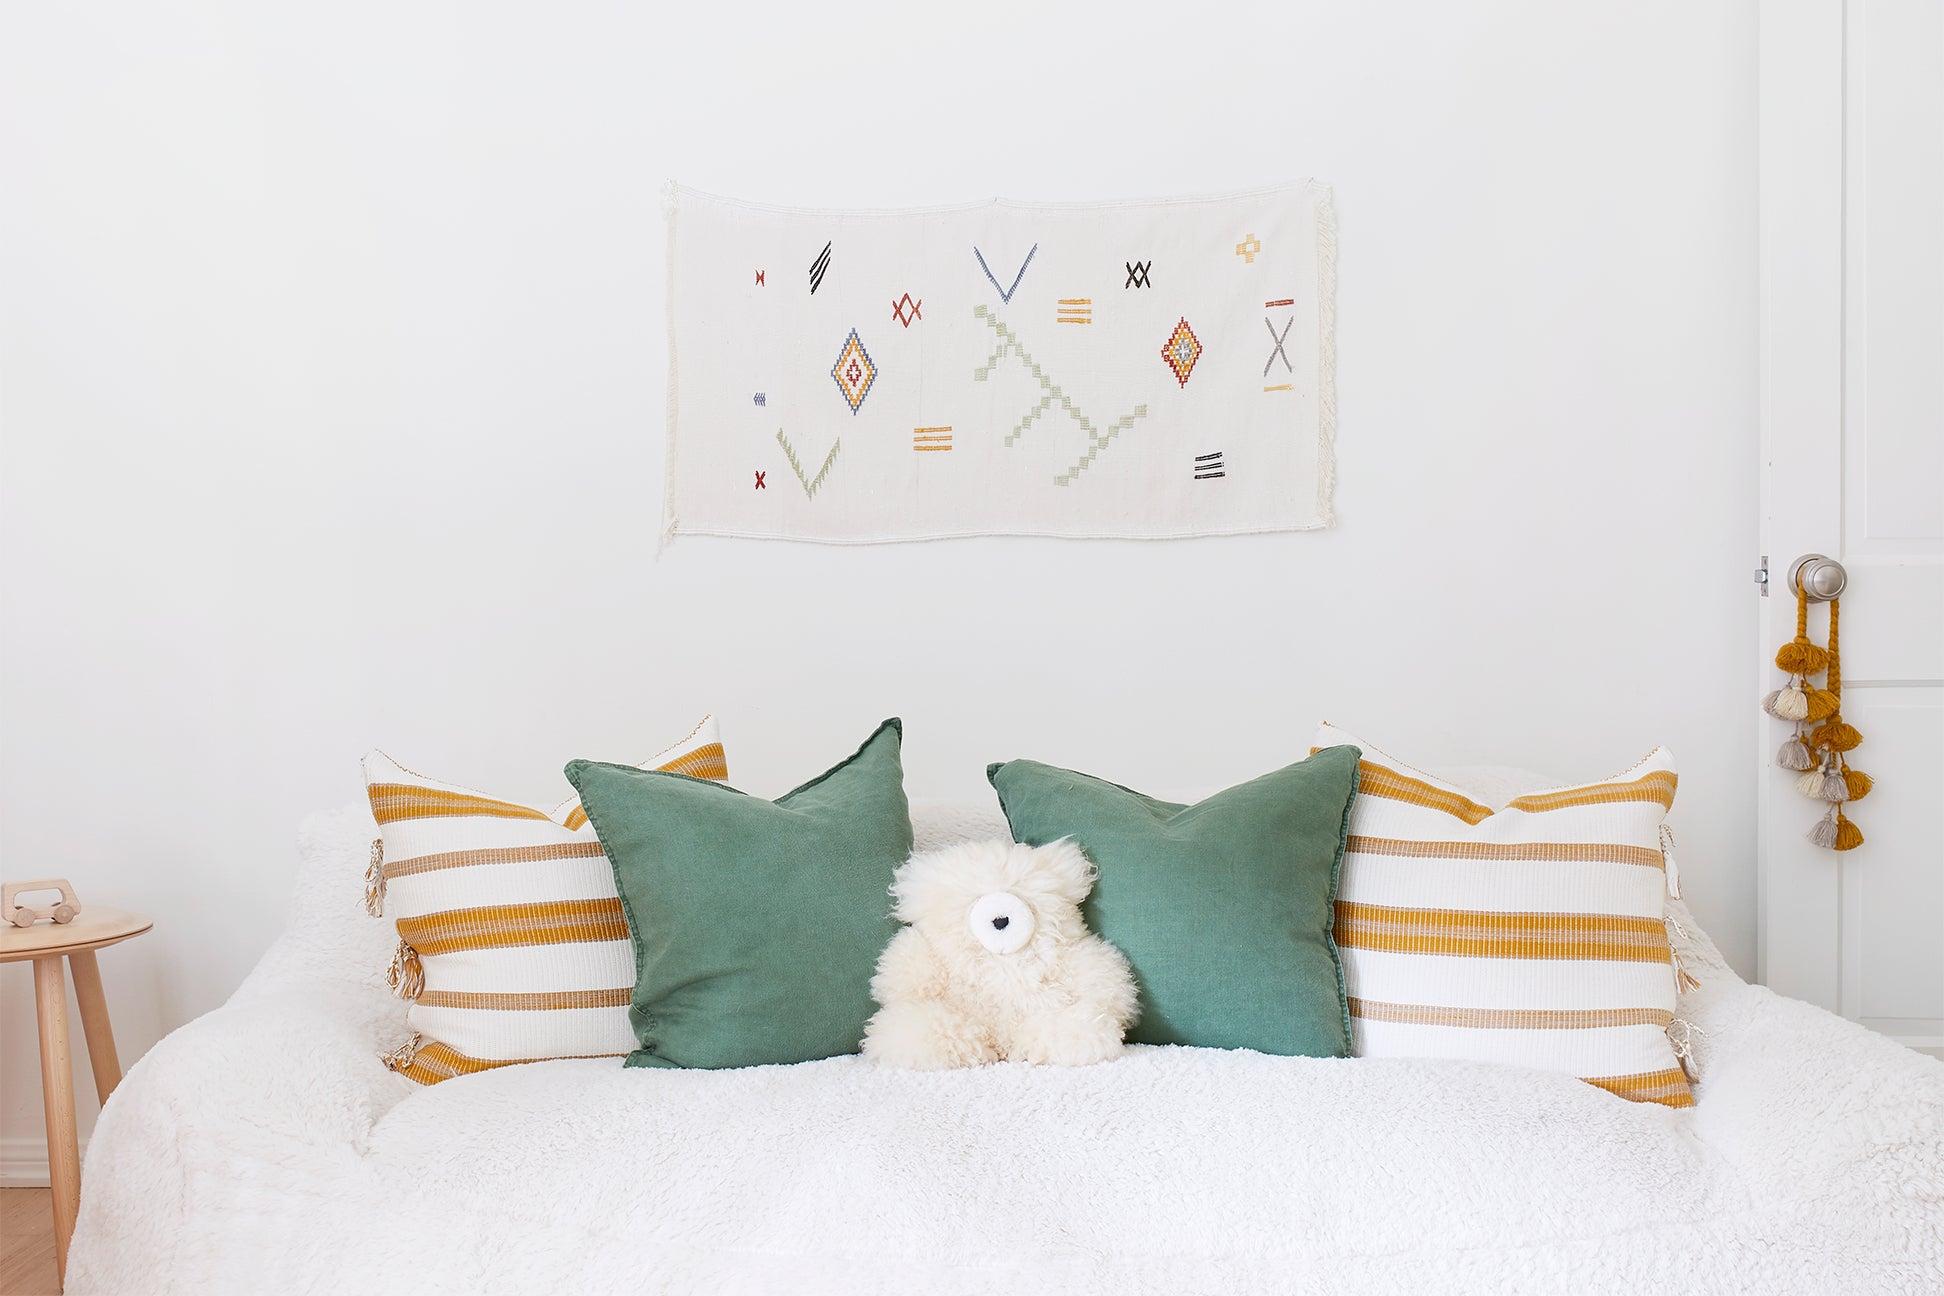 cozy white sofa with striped pillows